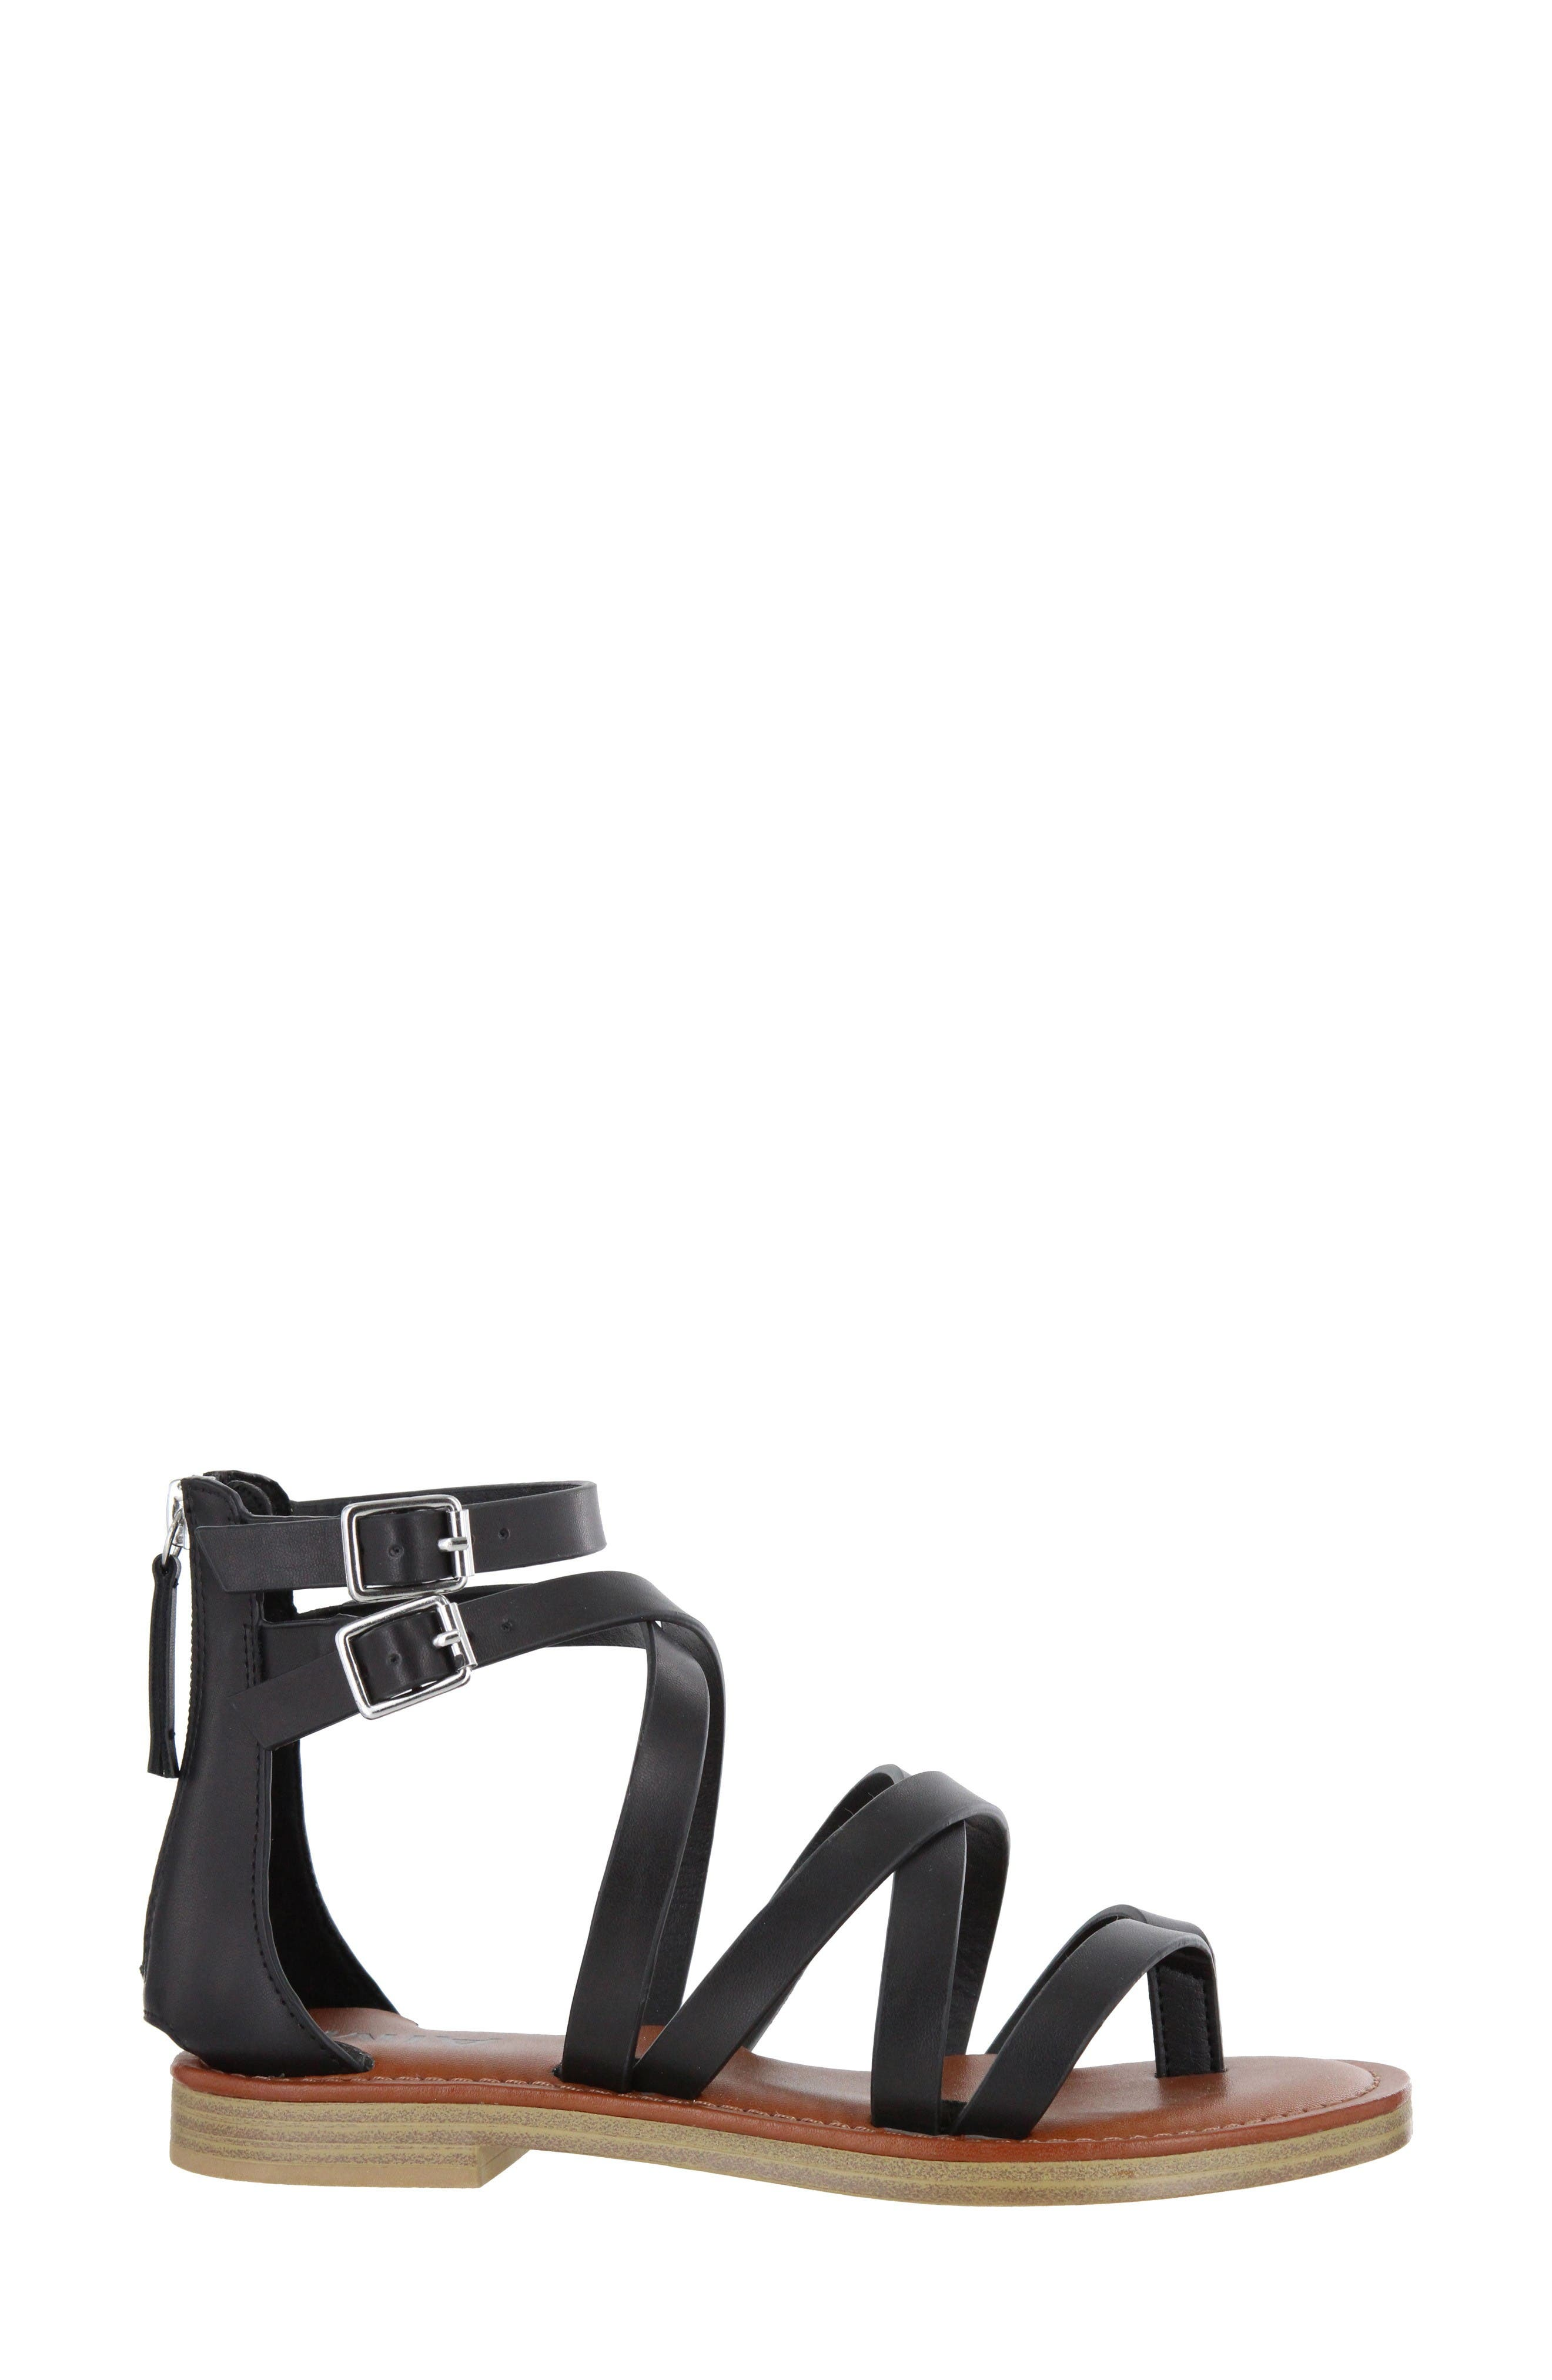 Alternate Image 3  - MIA Agitha Gladiator Sandal (Women)